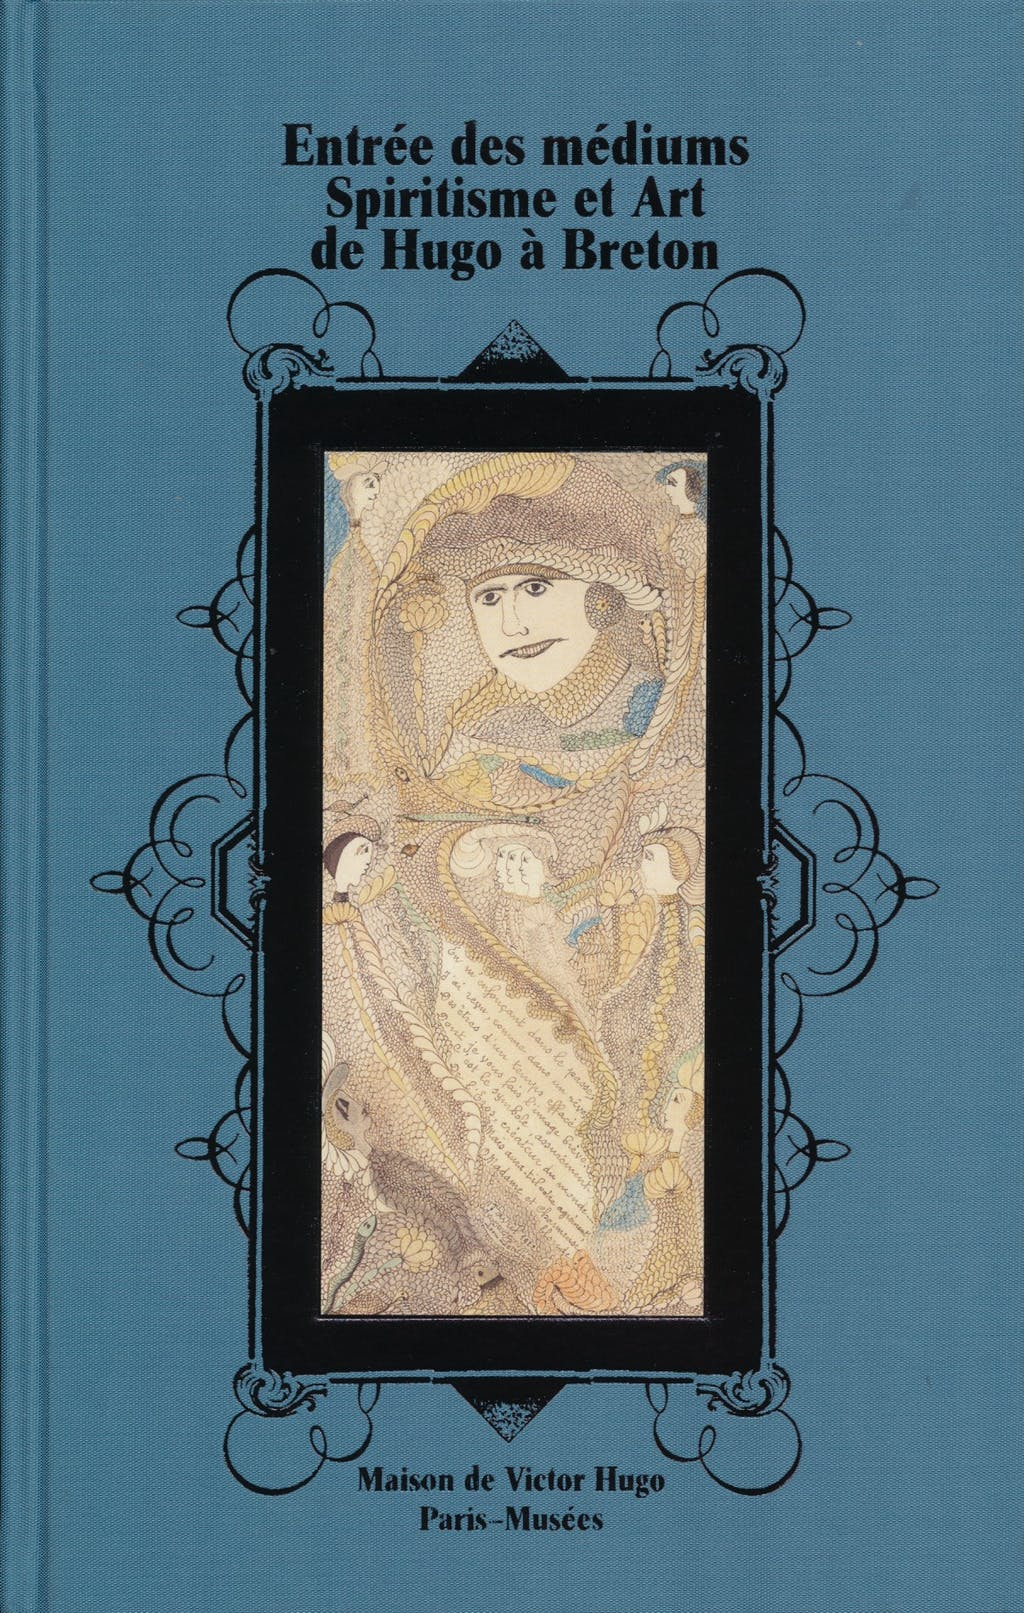 Entrée des médiums, spiritisme et art de Hugo à Breton - © christian berst — art brut